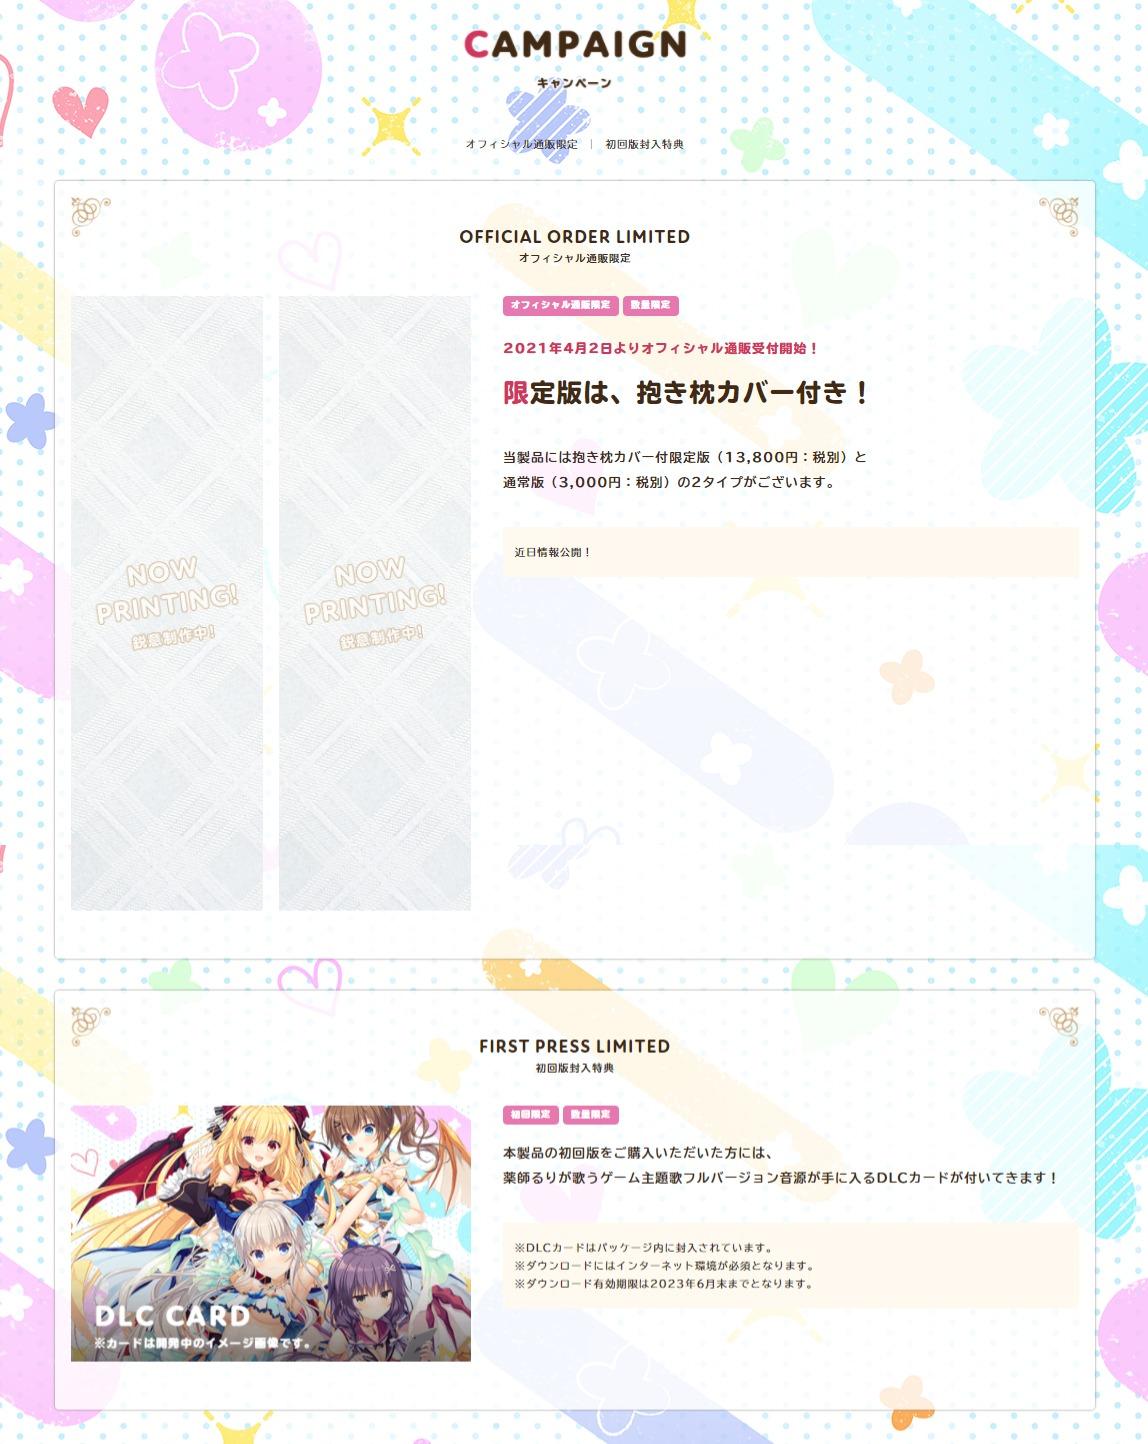 キャンペーン|竜姫(どらぷり)ぐーたらいふ2